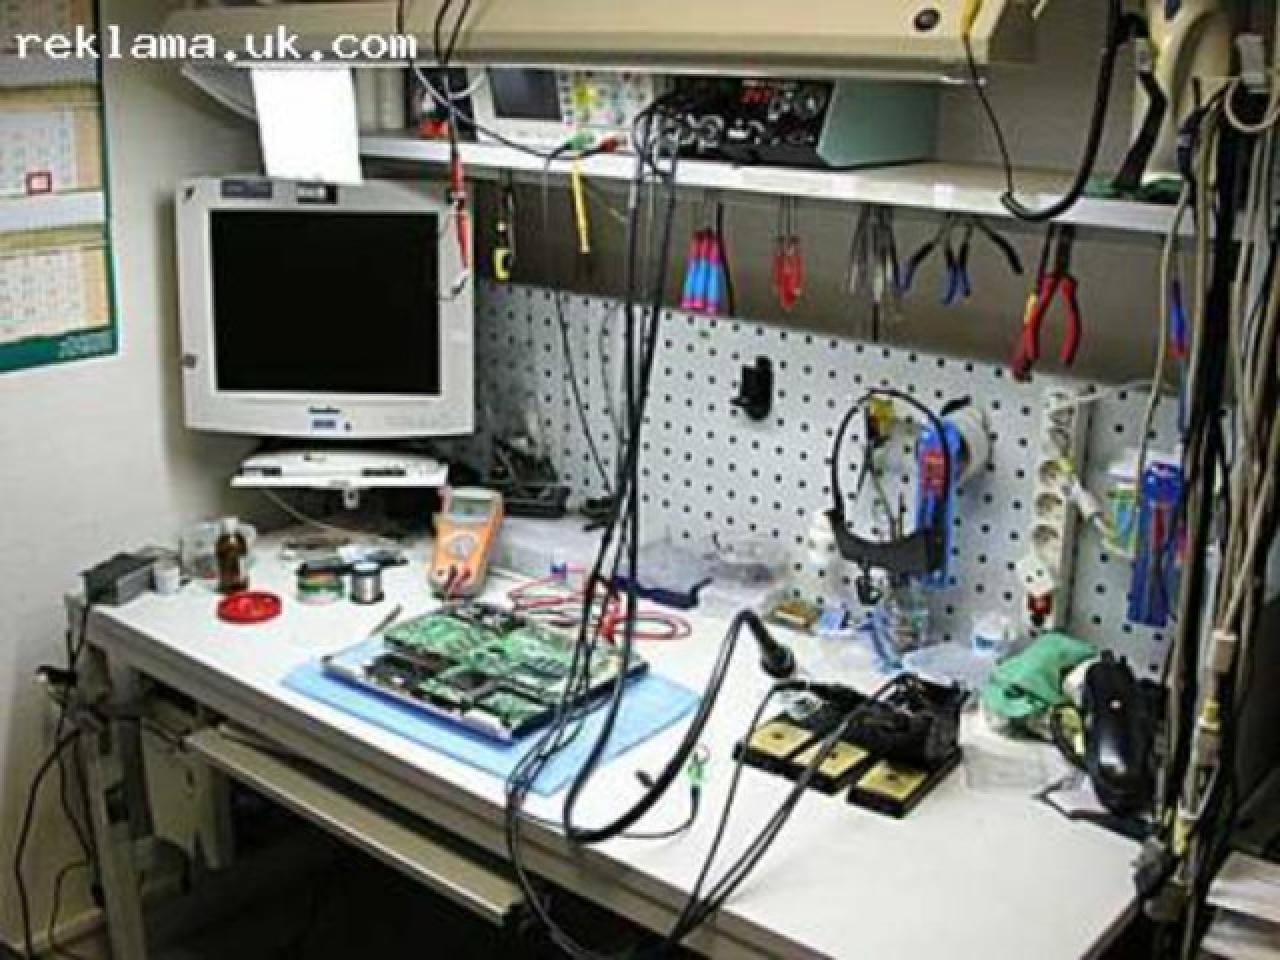 Ремонт компьютеров,ноутбуков,macbook,imac,ребоулинг и замена видео чипов,снятие паролей. - 4